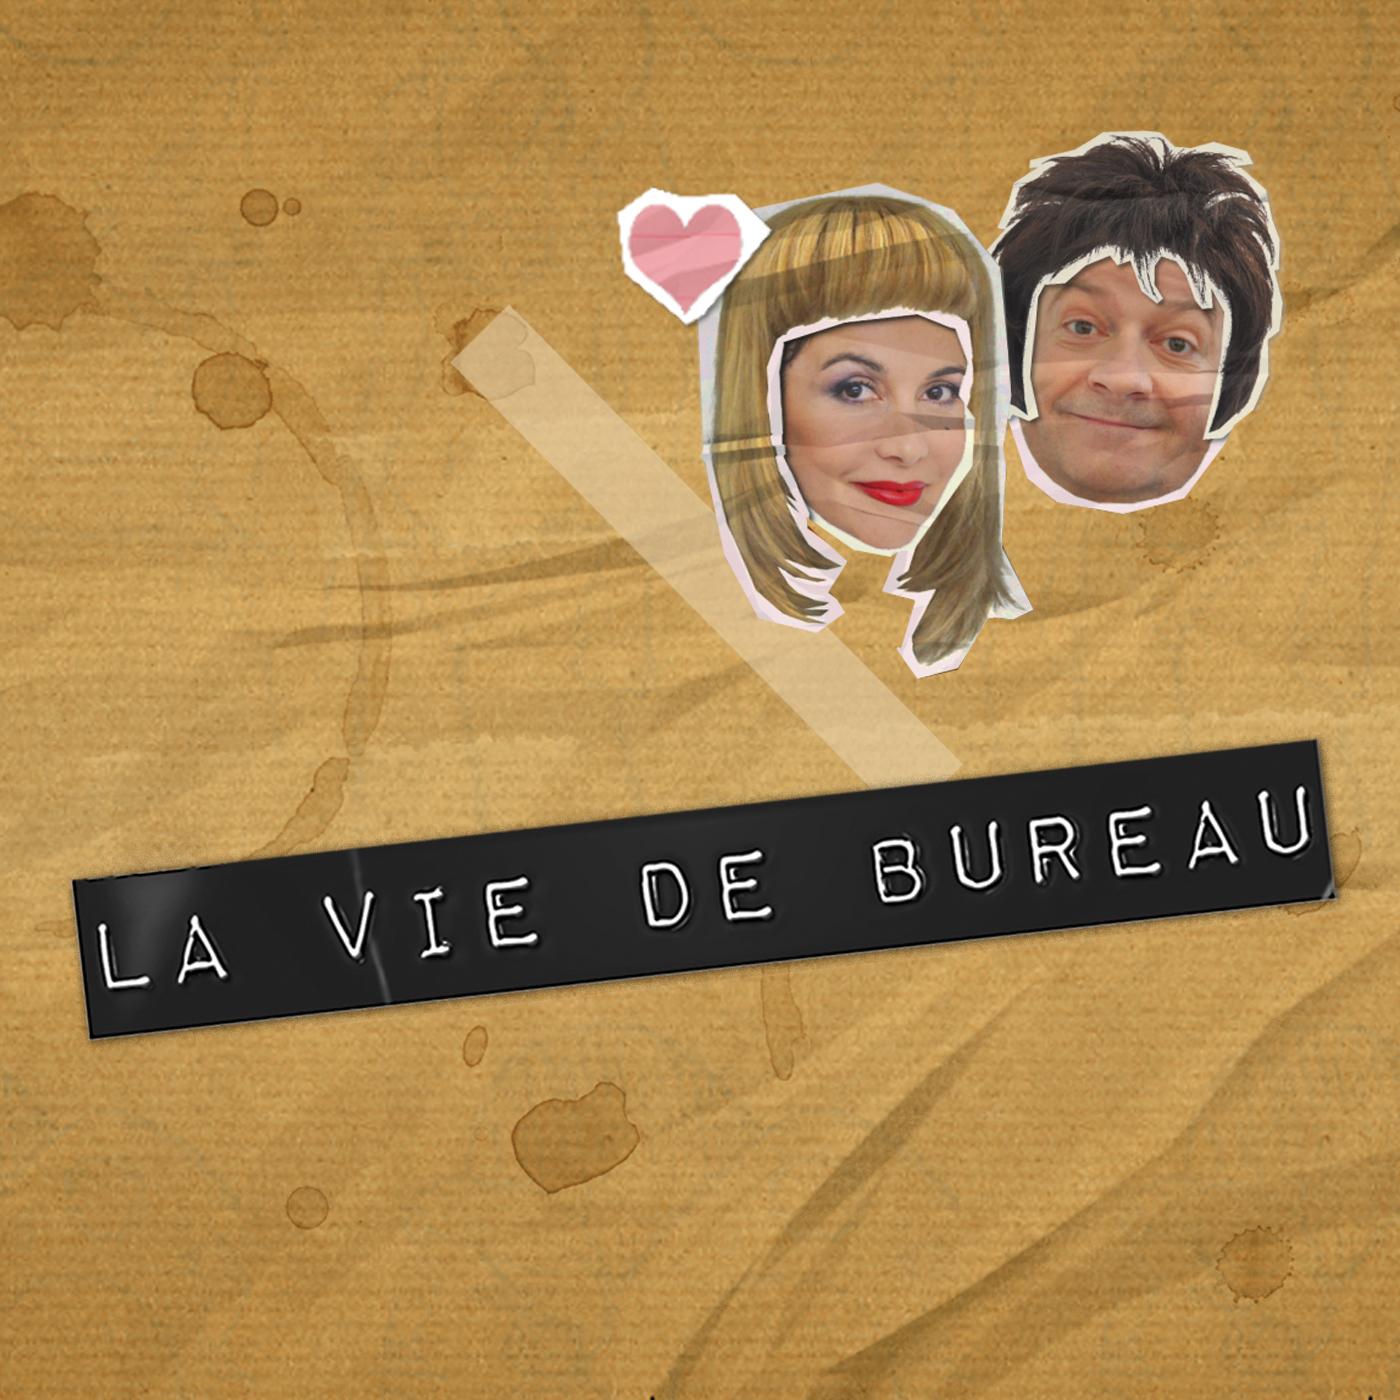 Logo de l'émission : La vie de Bureau